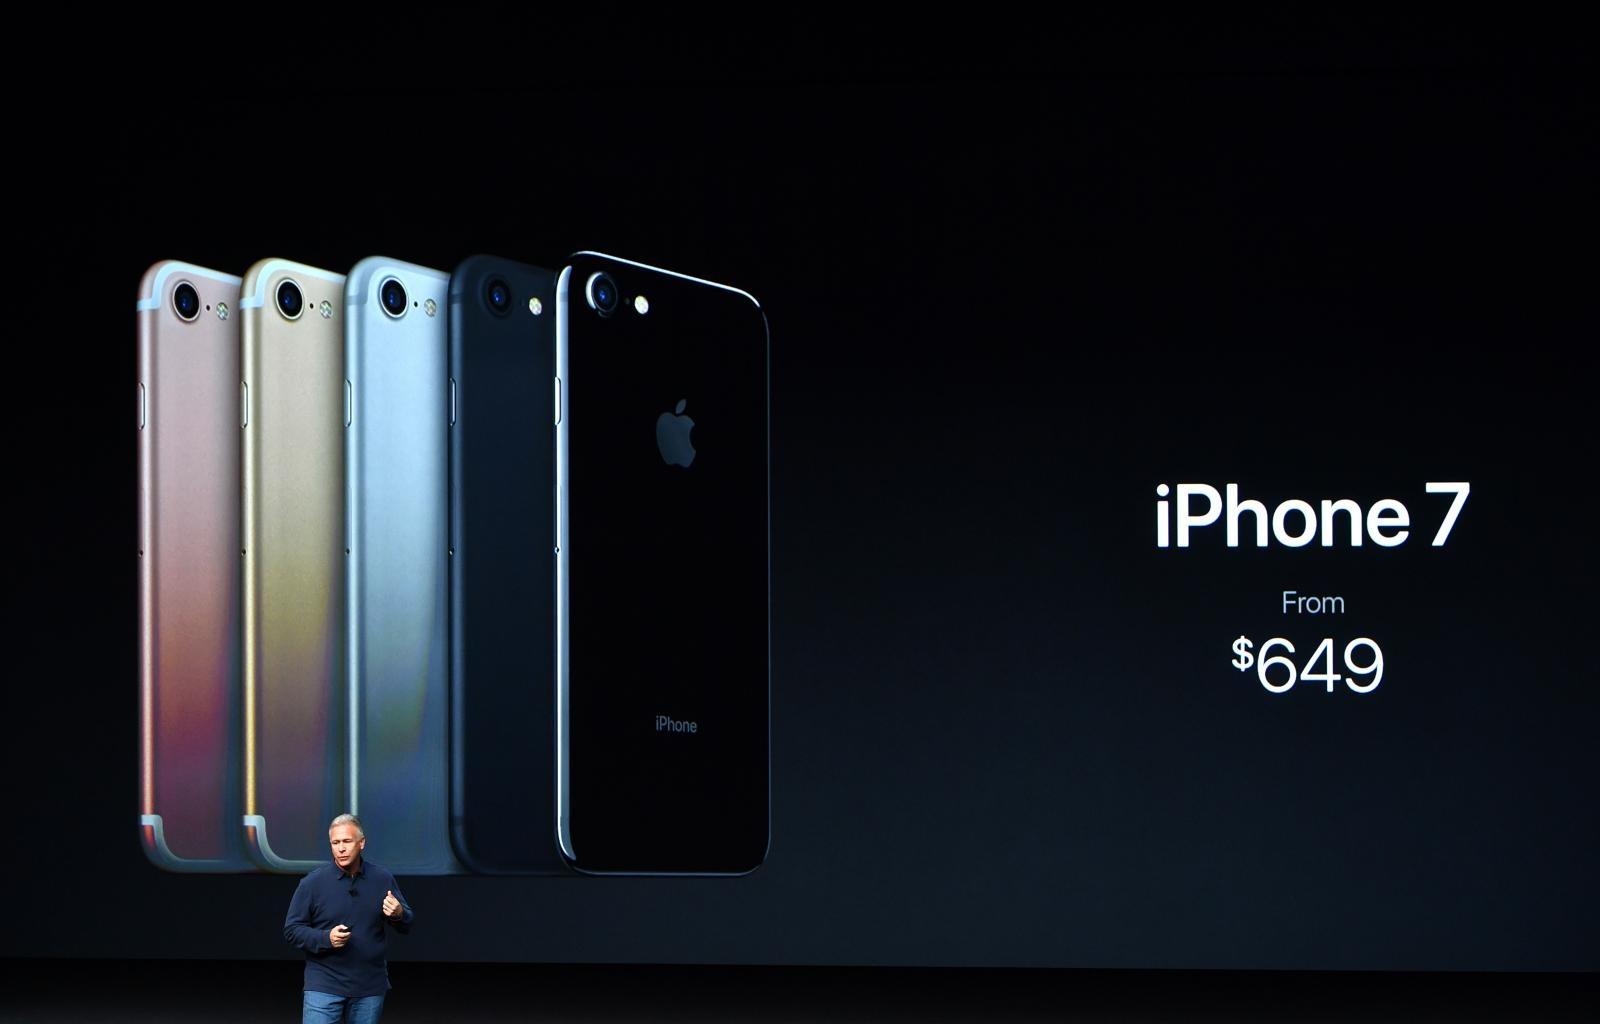 นินเทนโดเปิดตัวมาริโอกับแอปเปิล